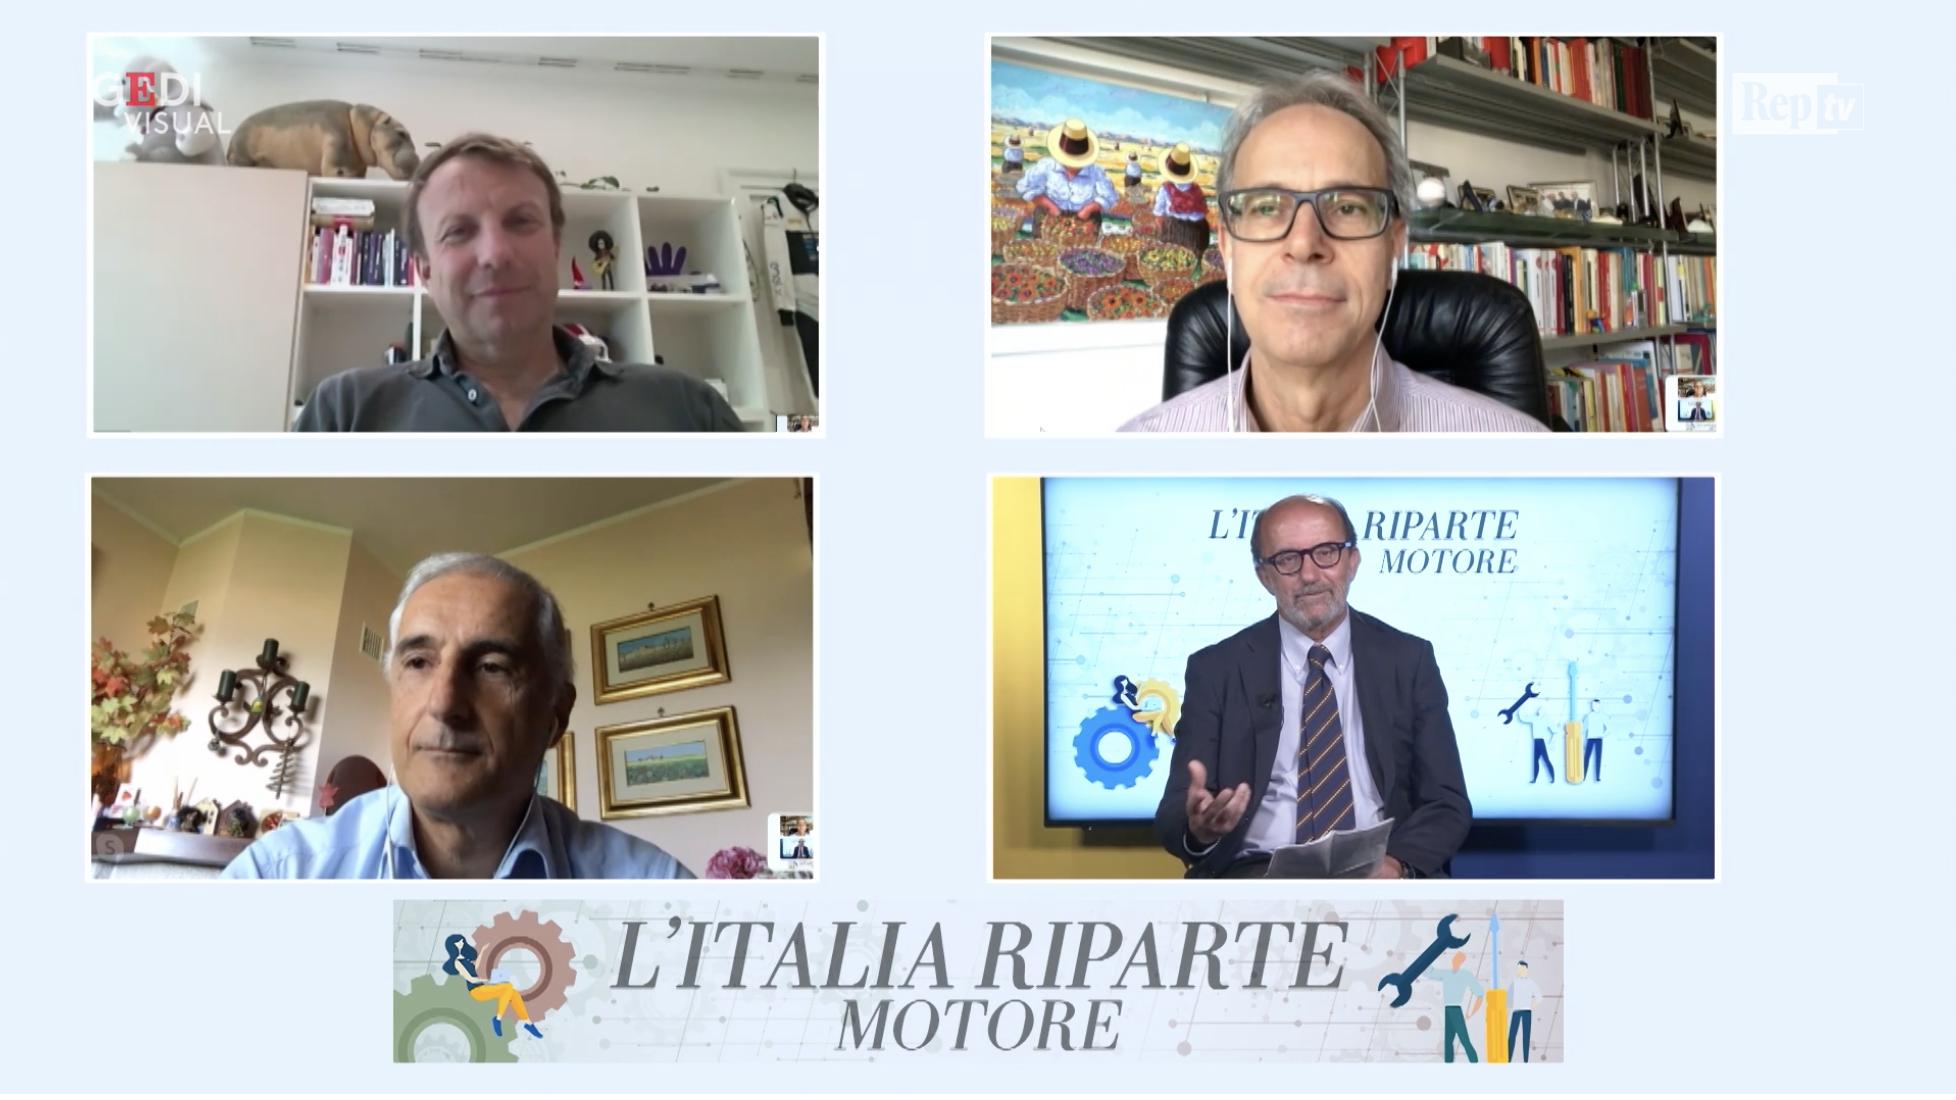 Auto elettrica a Repubblica TV, il mio intervento insieme ad Enel X e Nissan